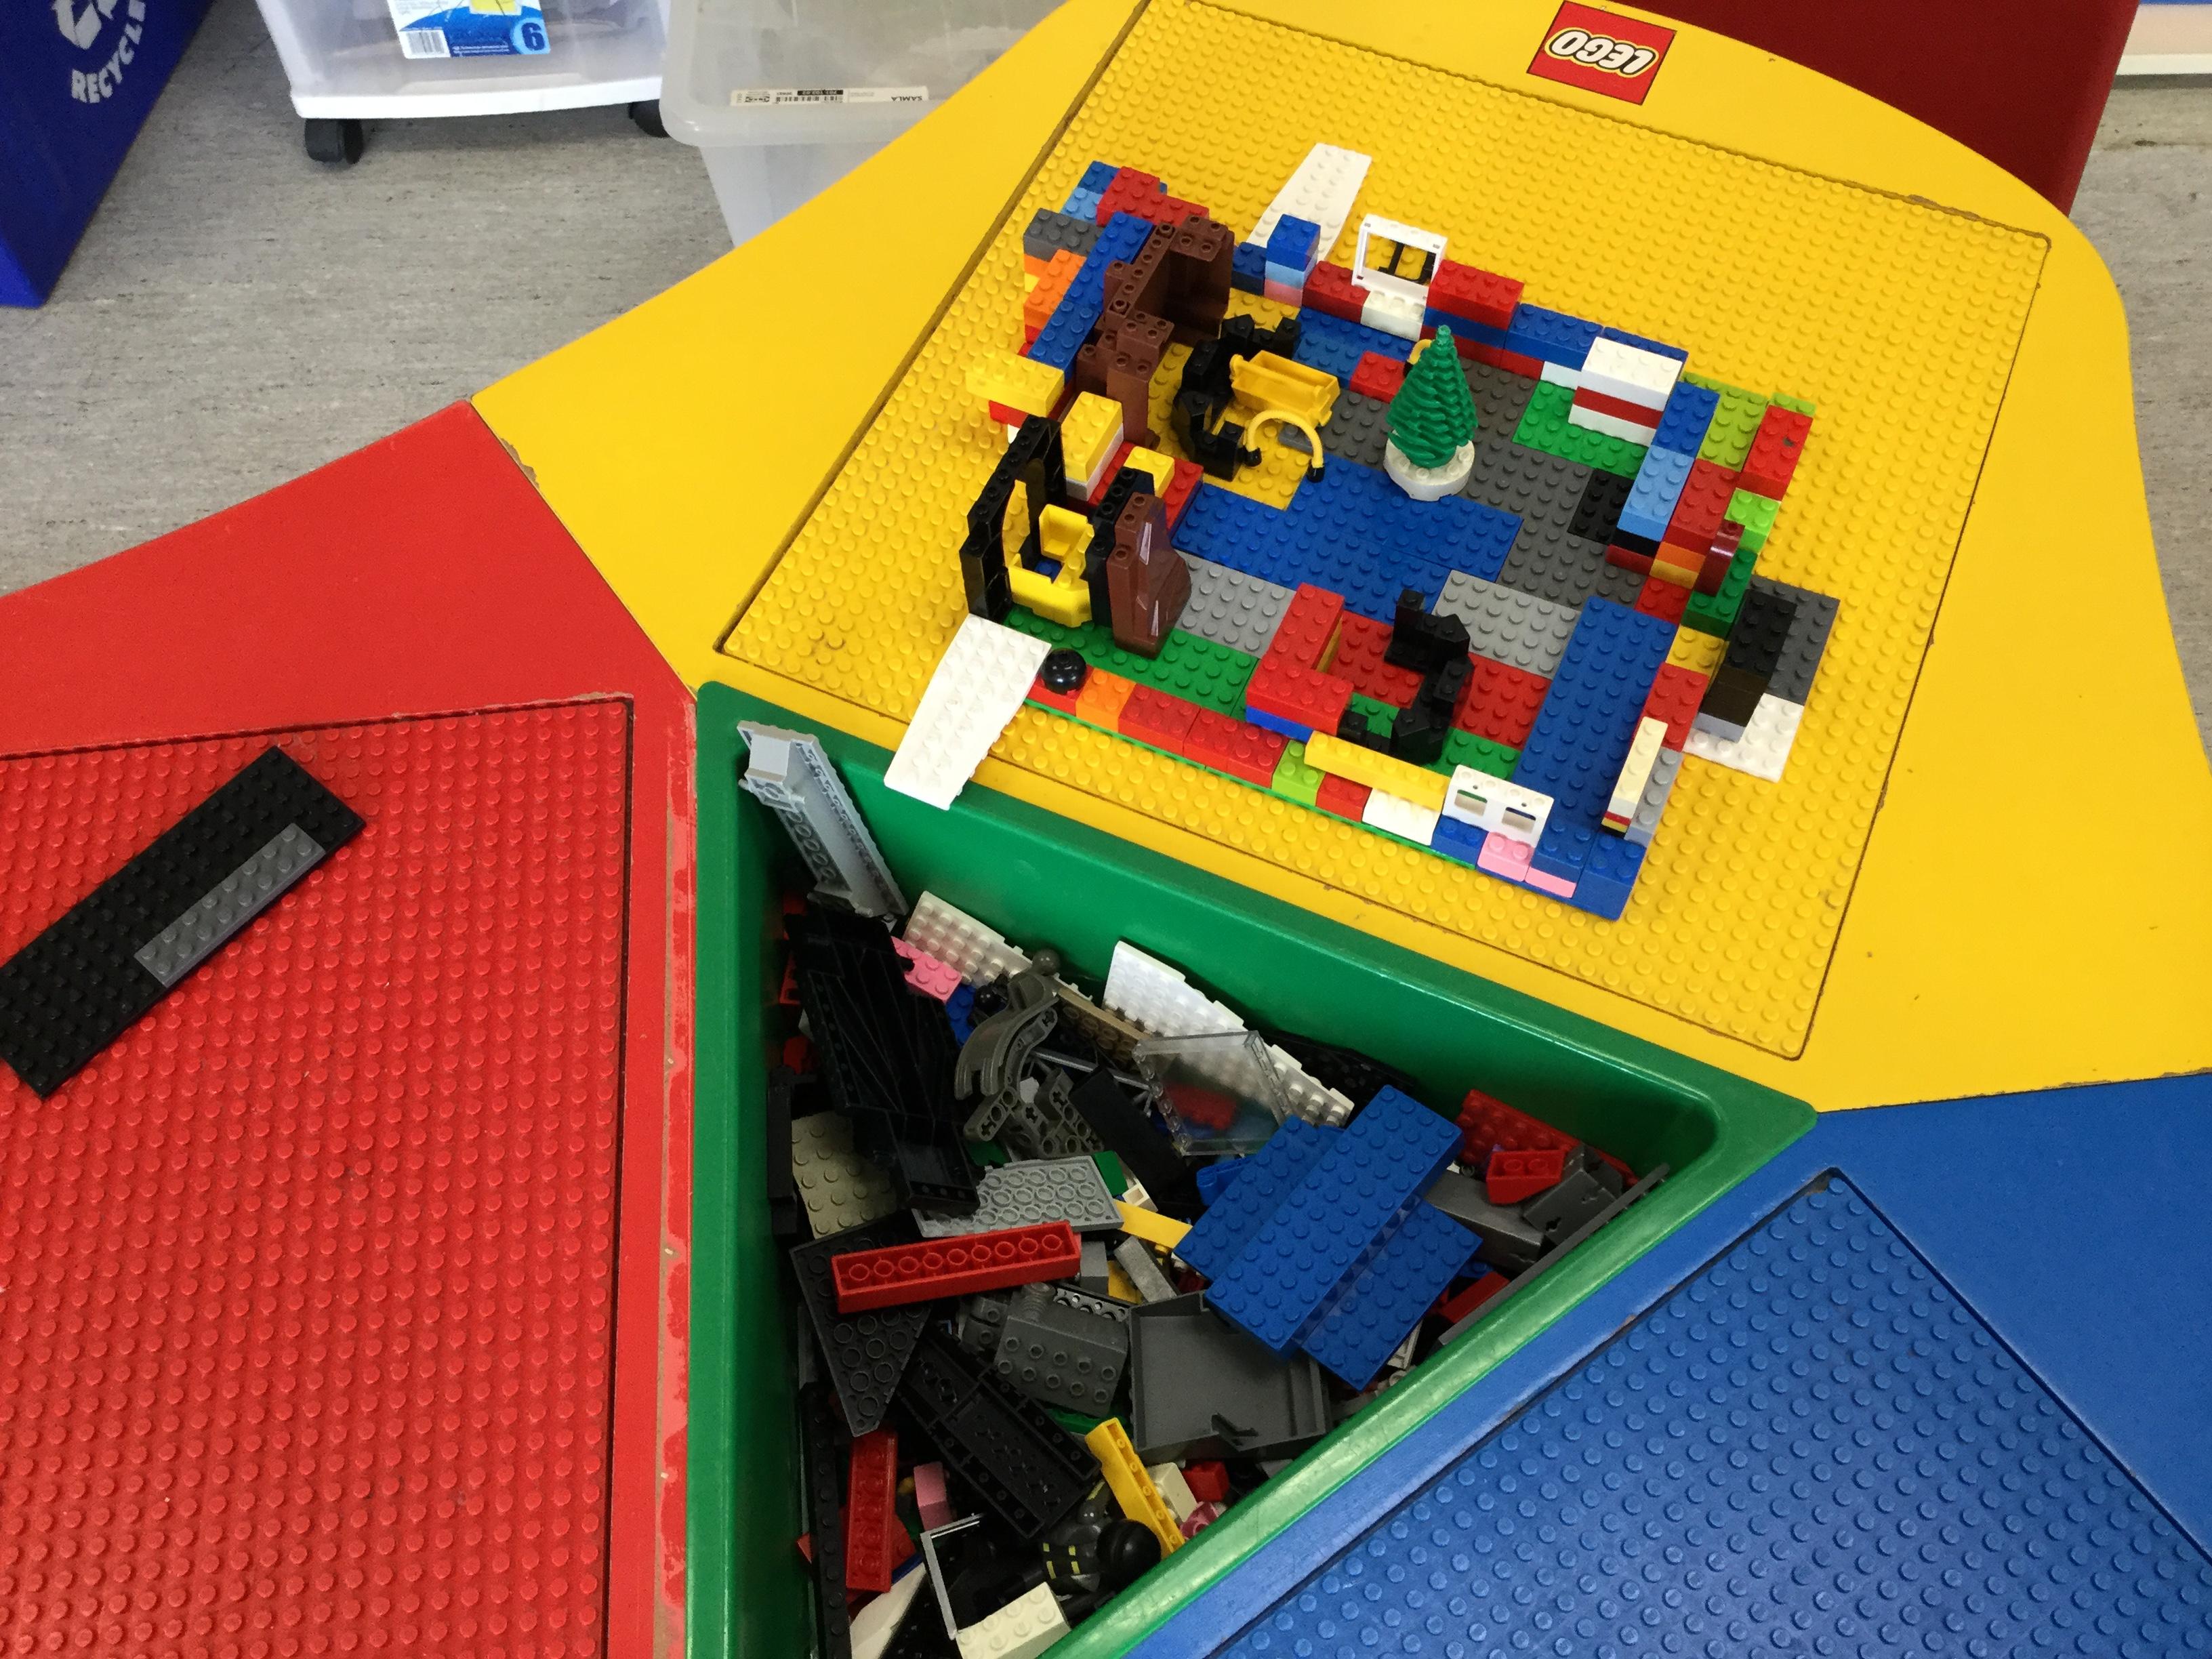 Yellow Room - Lego Fun